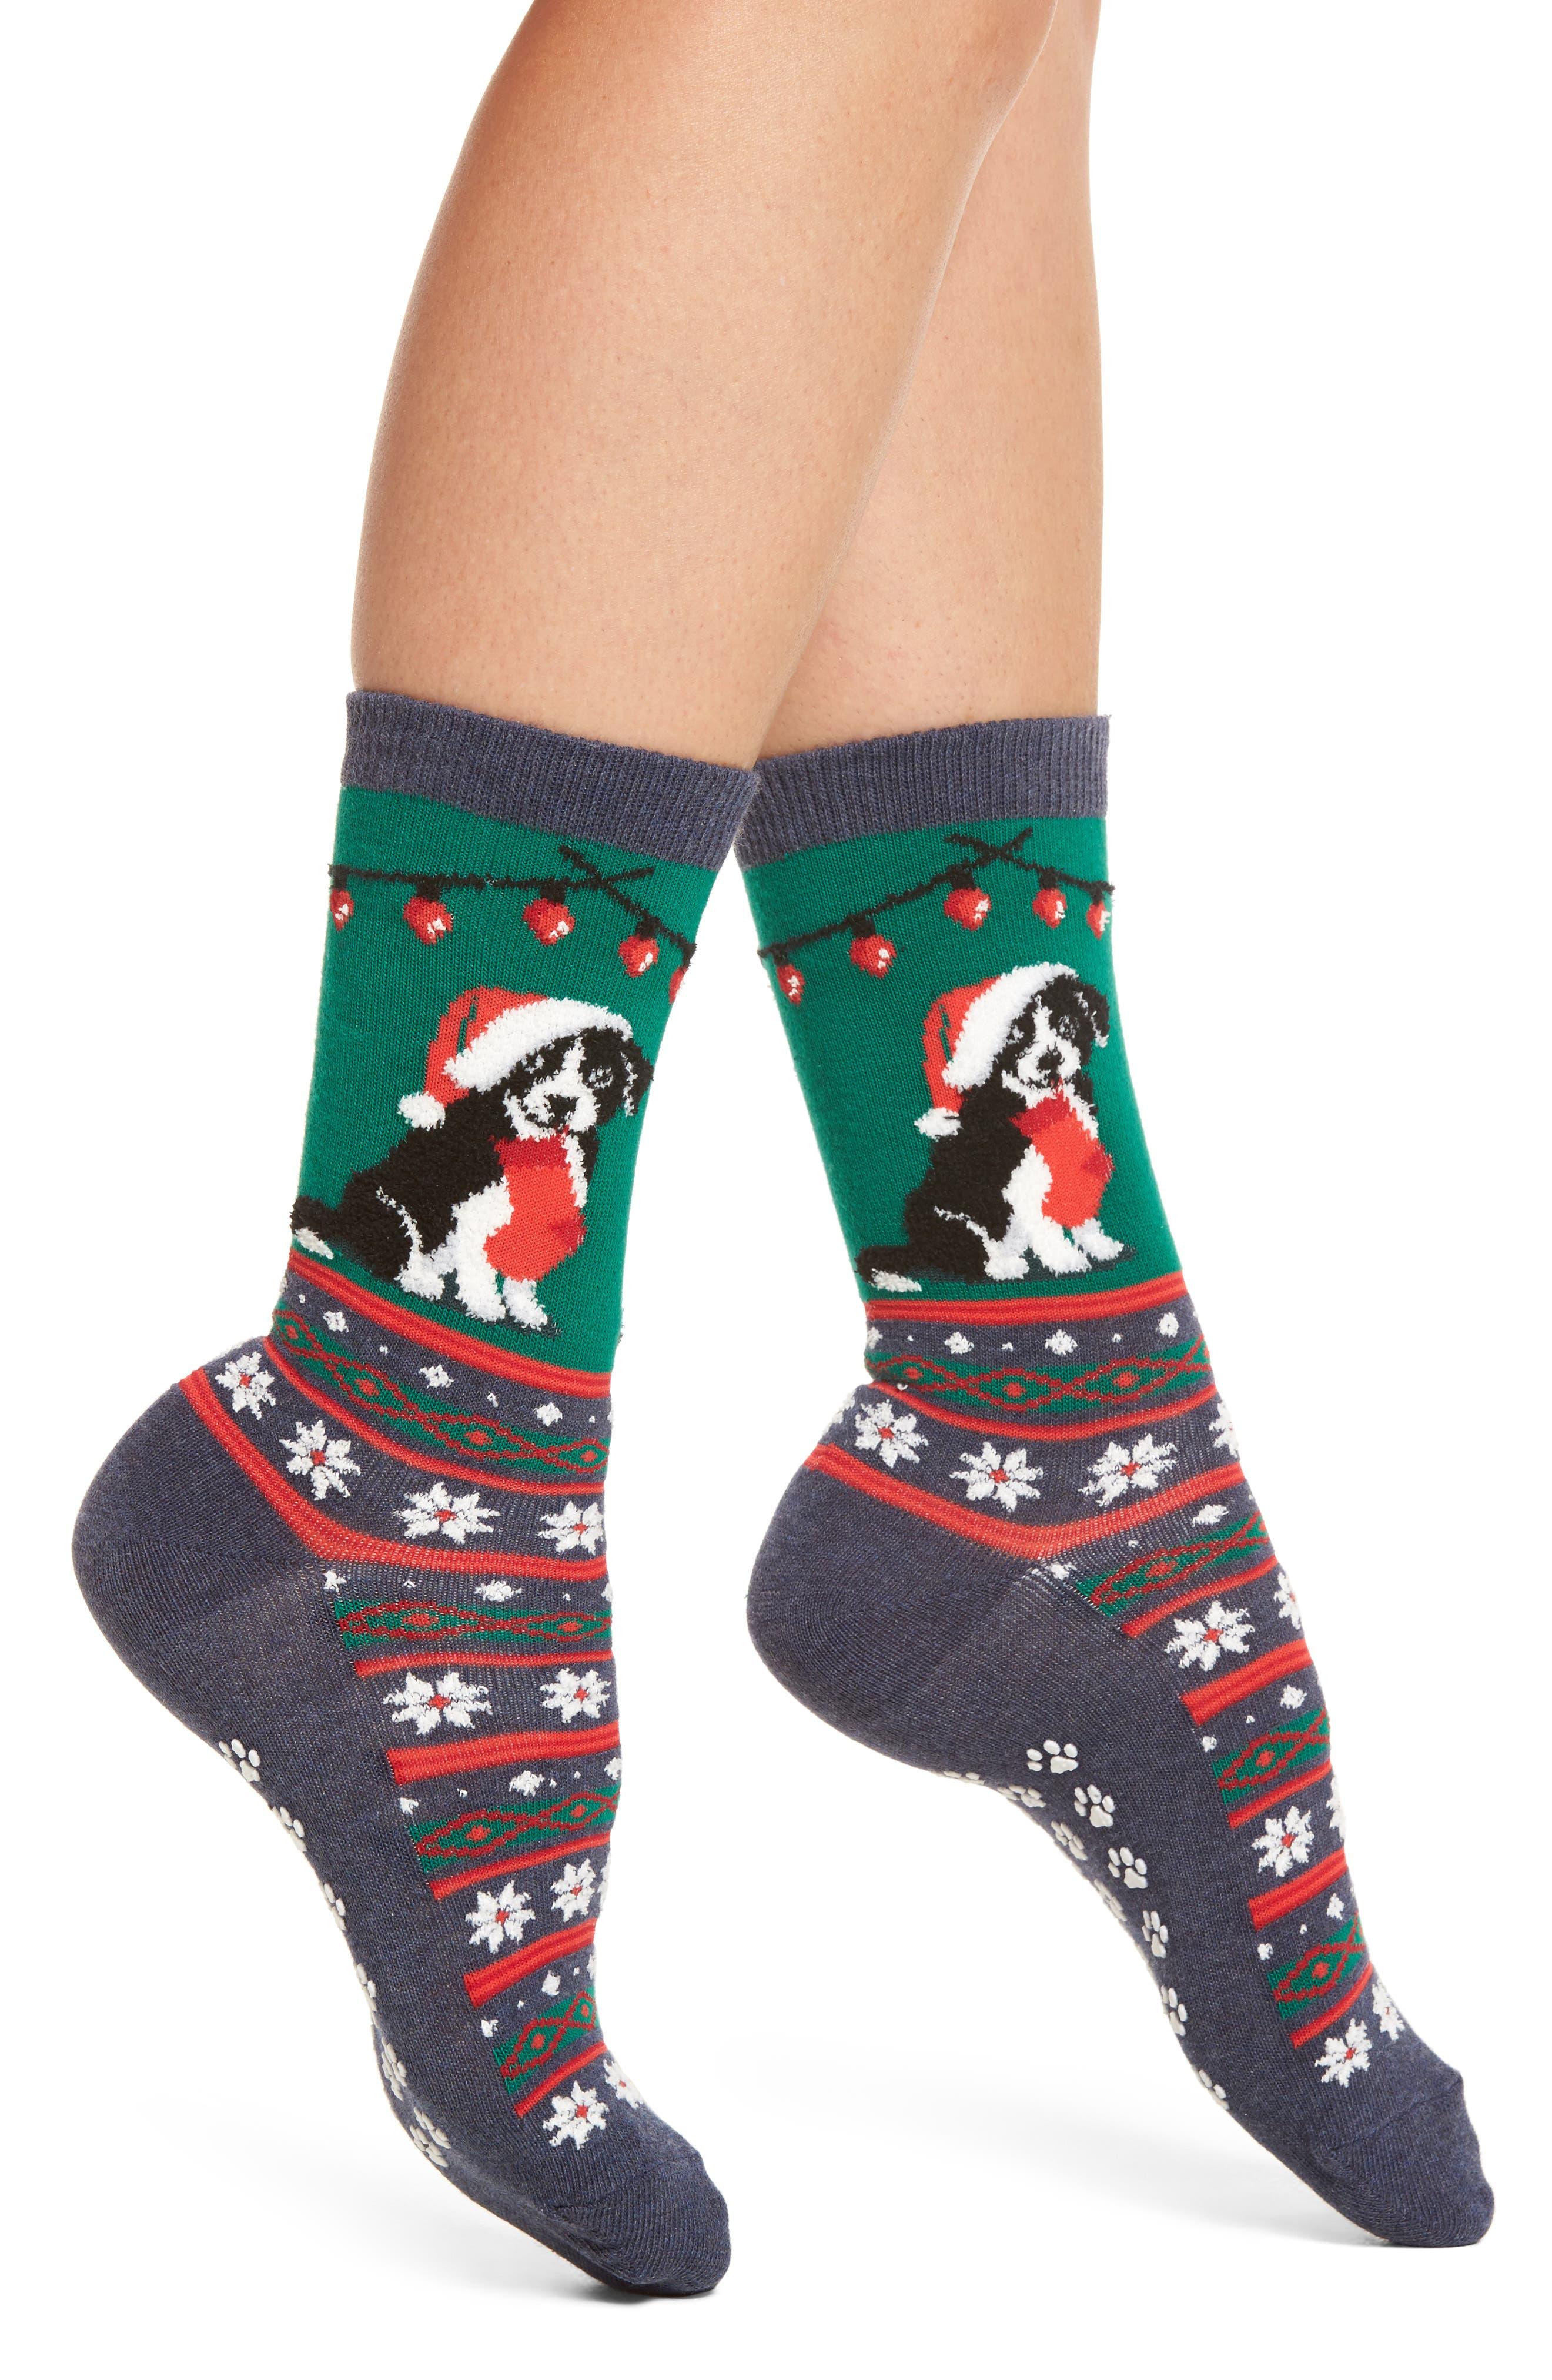 Hot Sox Christmas Border Collie Nonskid Socks (3 for $15)